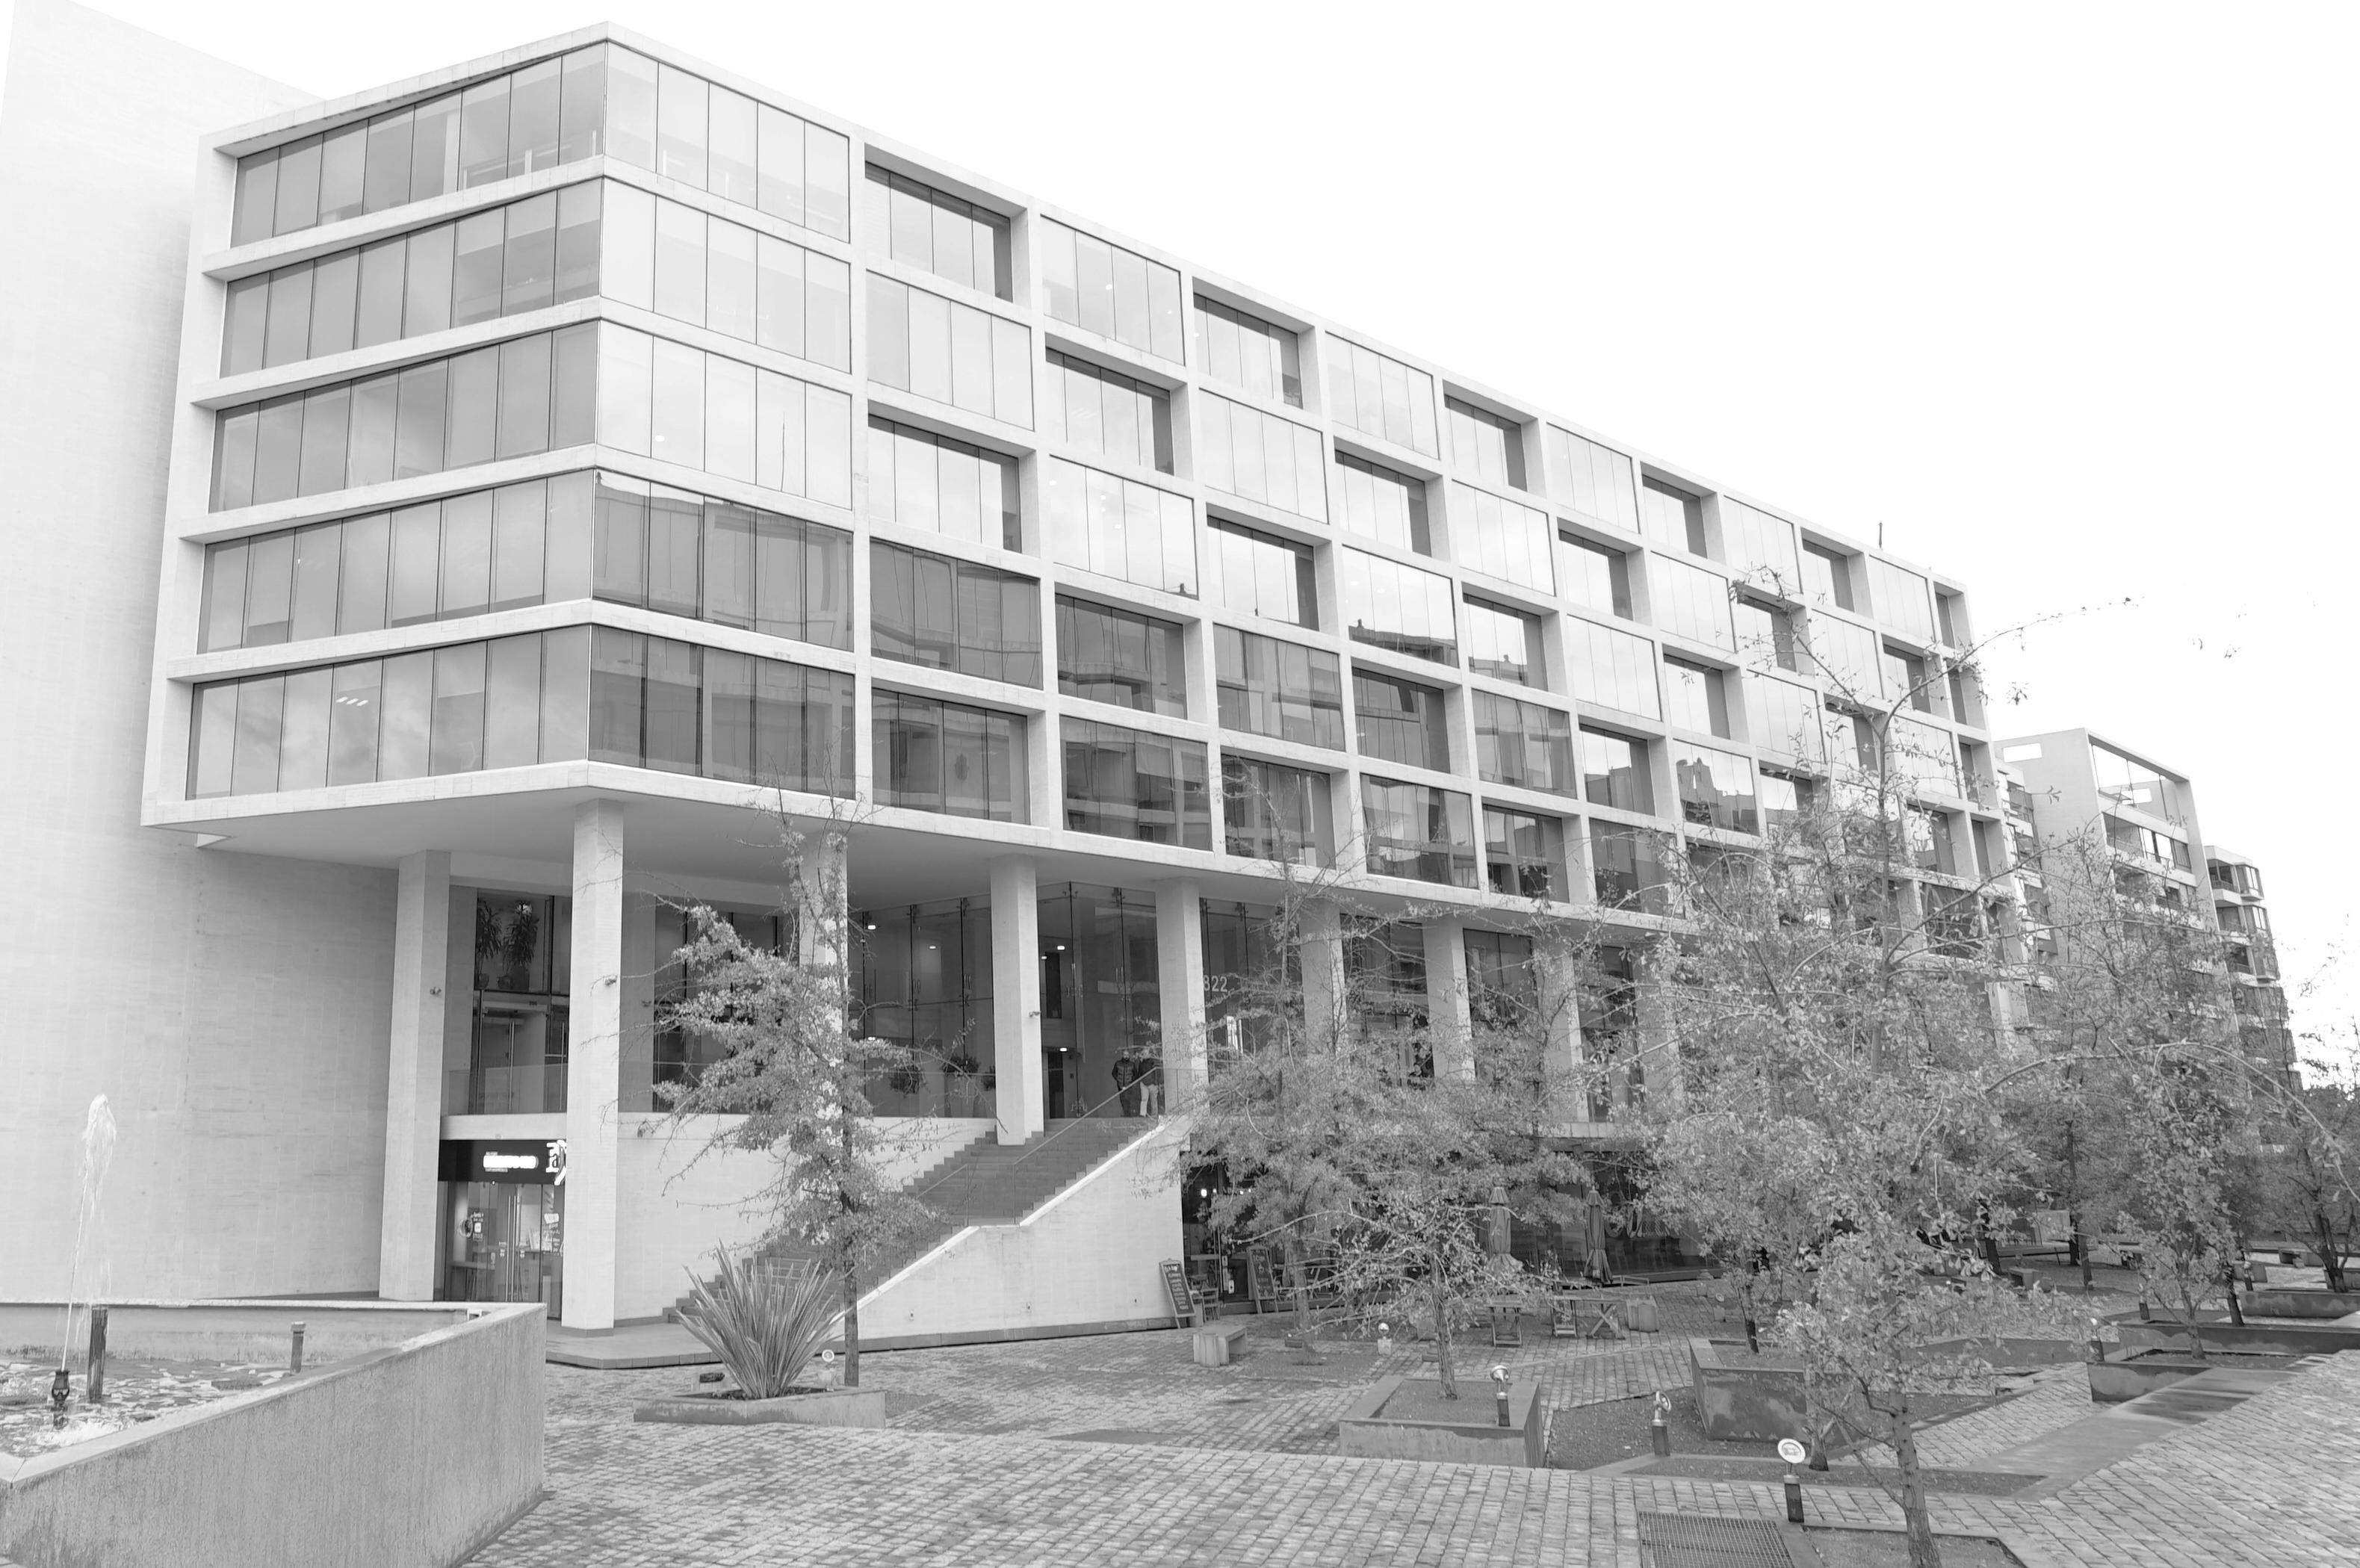 Edificio 2 b&n